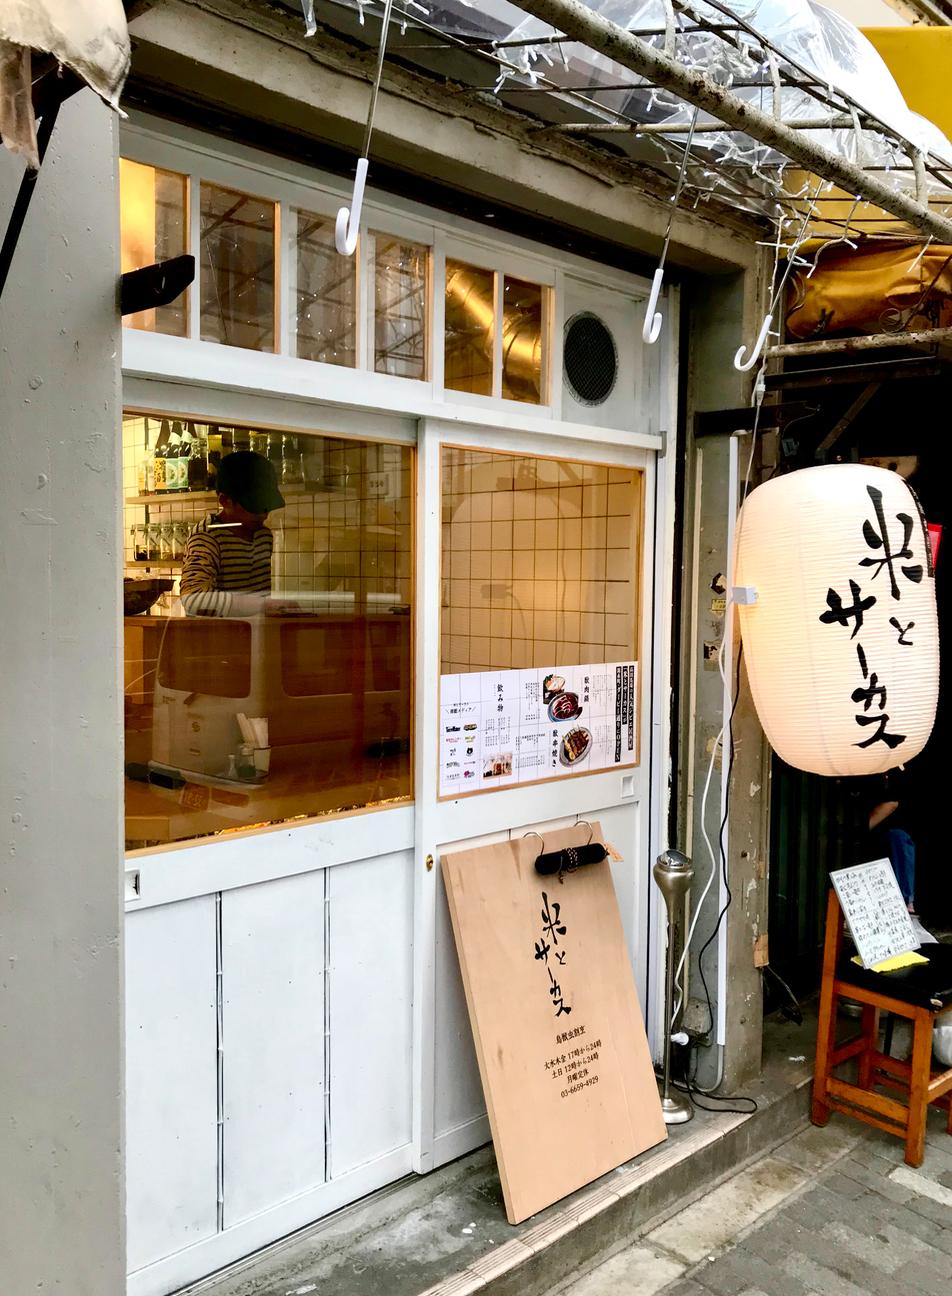 オオグソクラーメンが東京都錦糸町で期間限定で発売